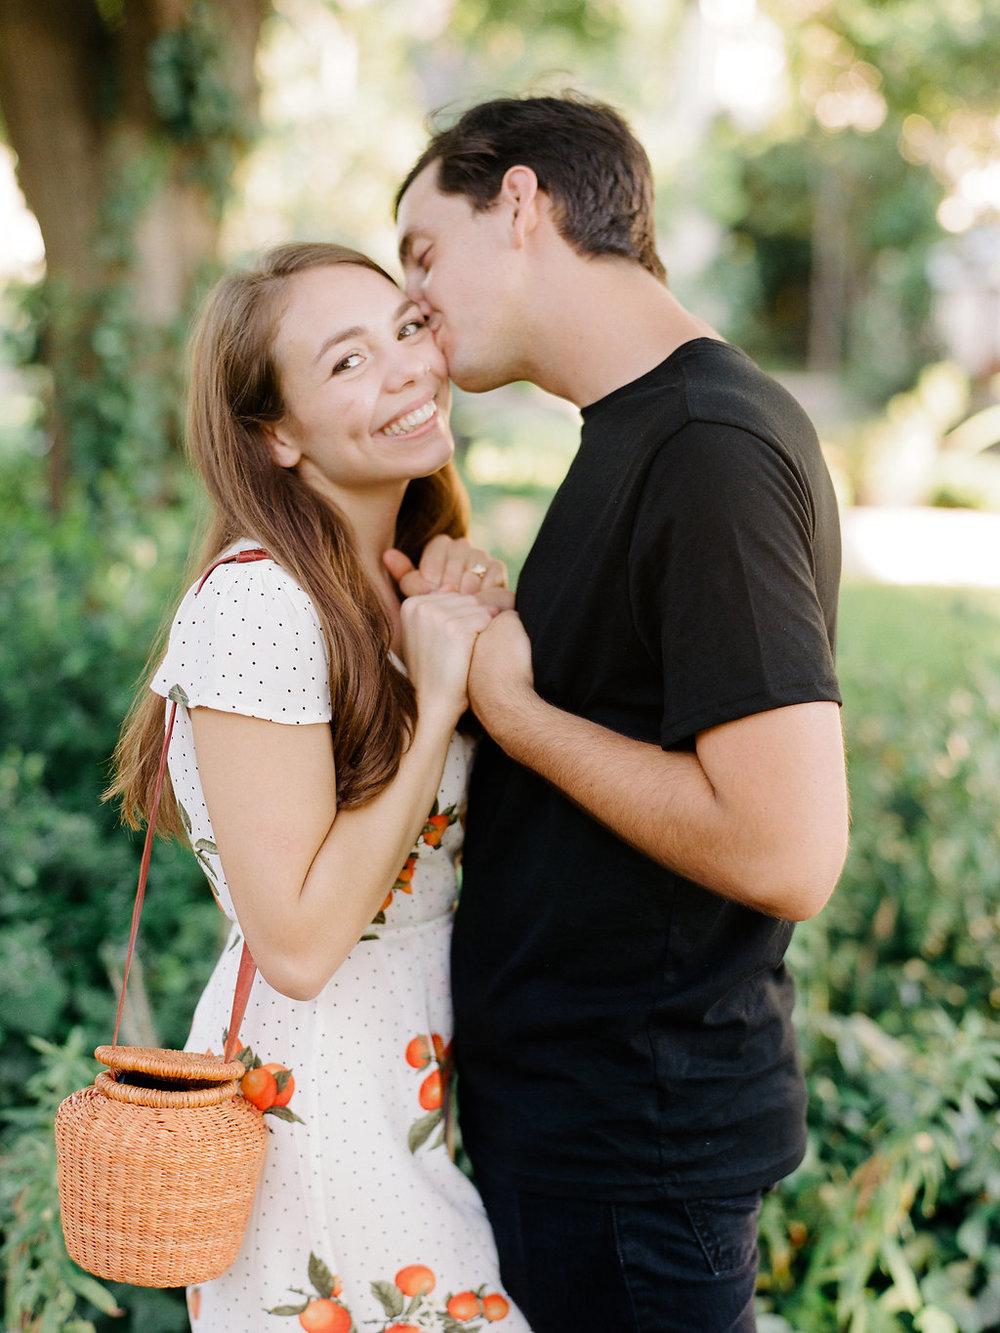 Best-Austin-Denver-California-Wedding-Photographers-fine-art-film-Engagement-Session-23.jpg